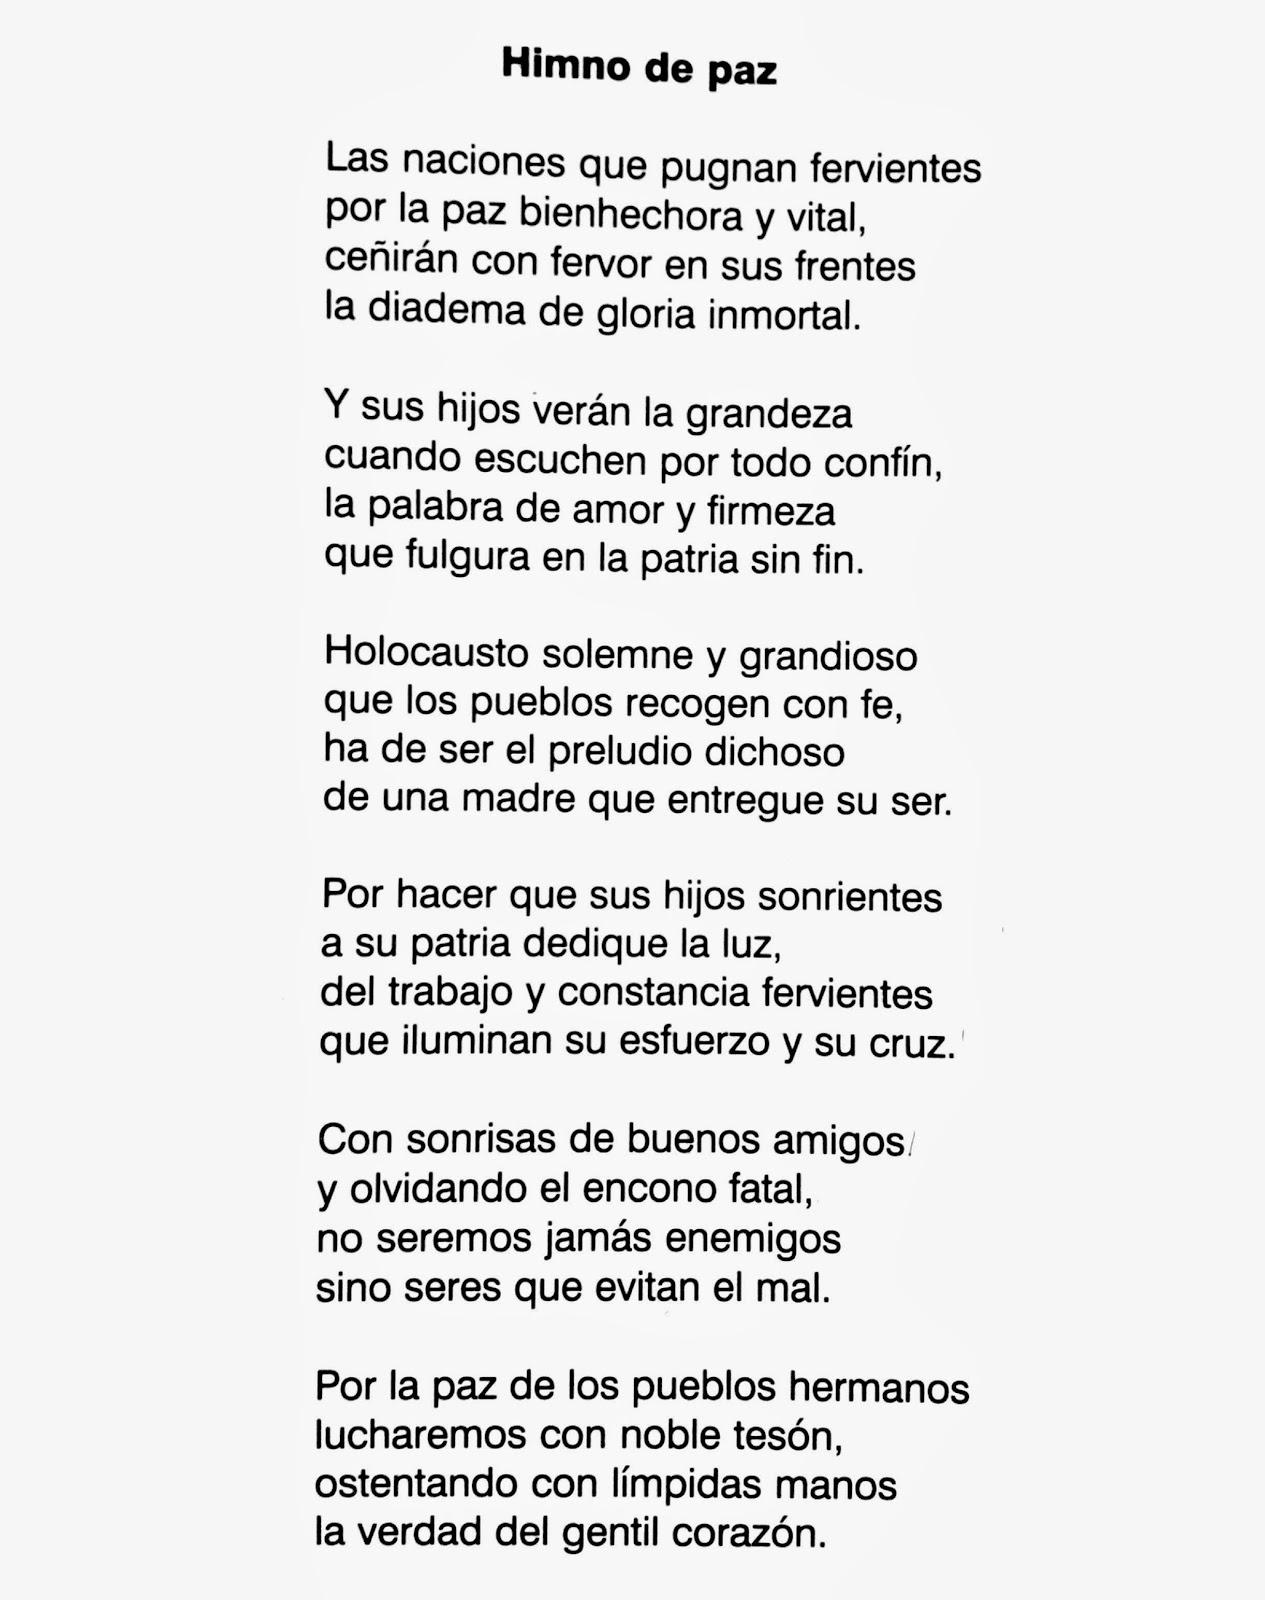 Poesía a la Paz - Himno a la paz